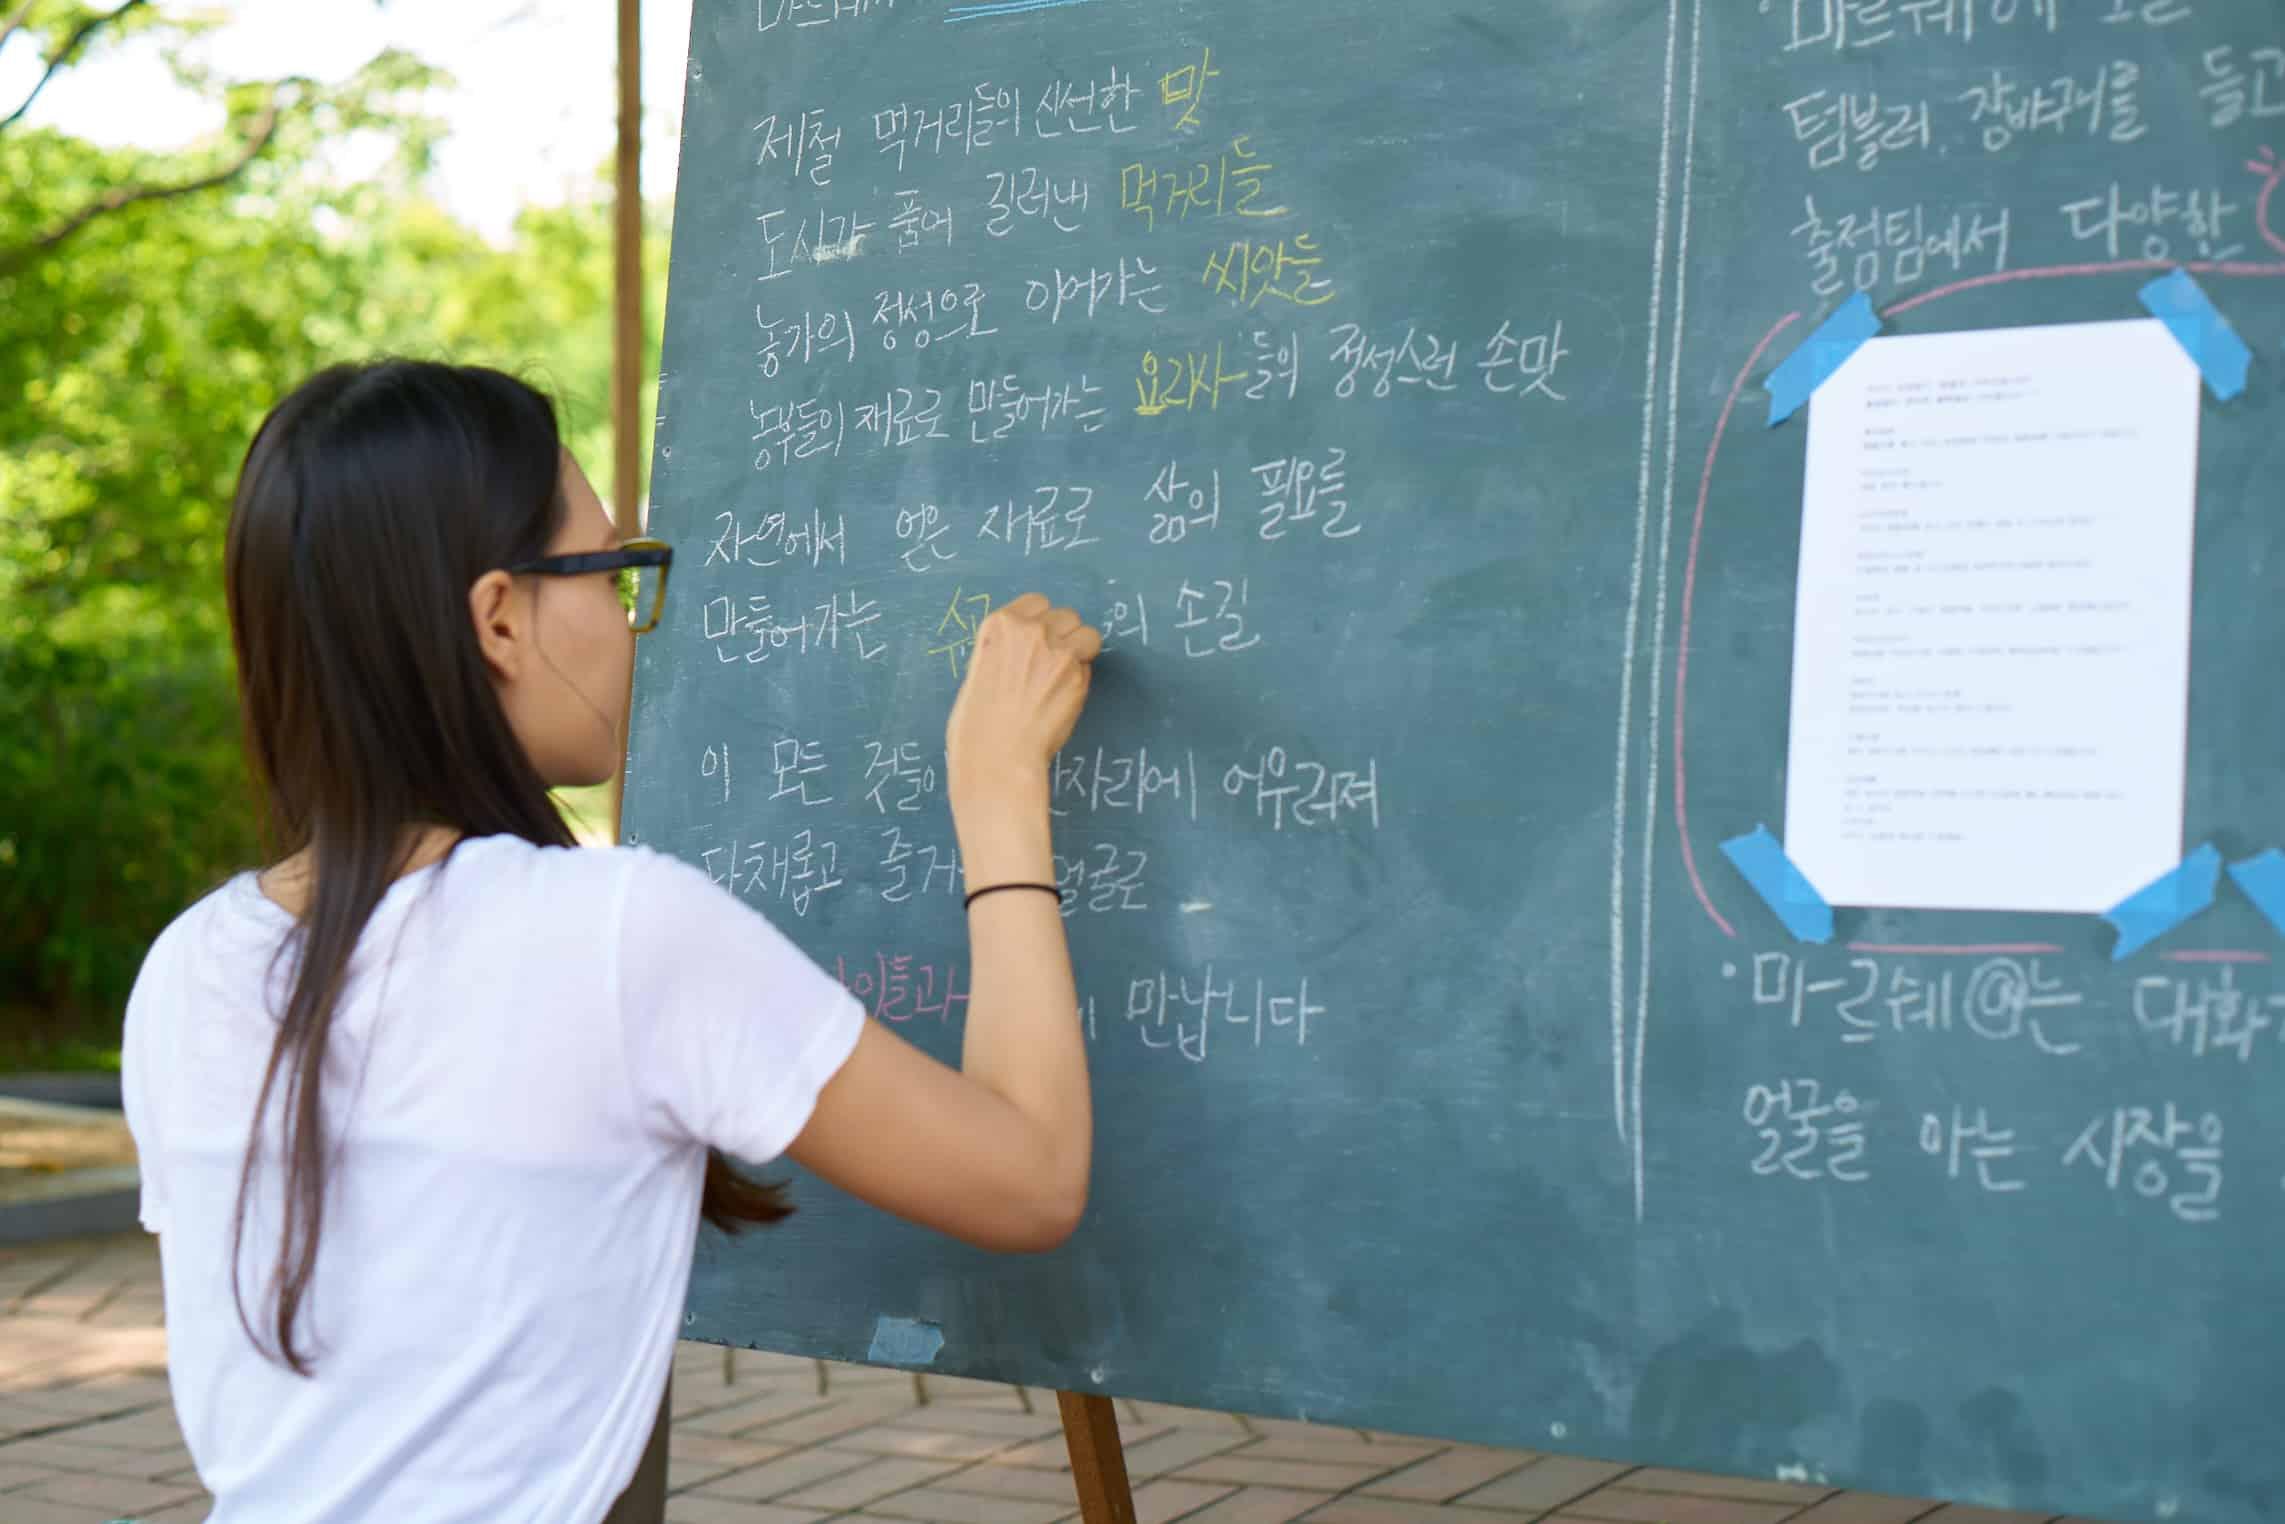 [마감] 9월 11일 일요일 마르쉐@혜화 장의 자원활동가를 모집합니다!